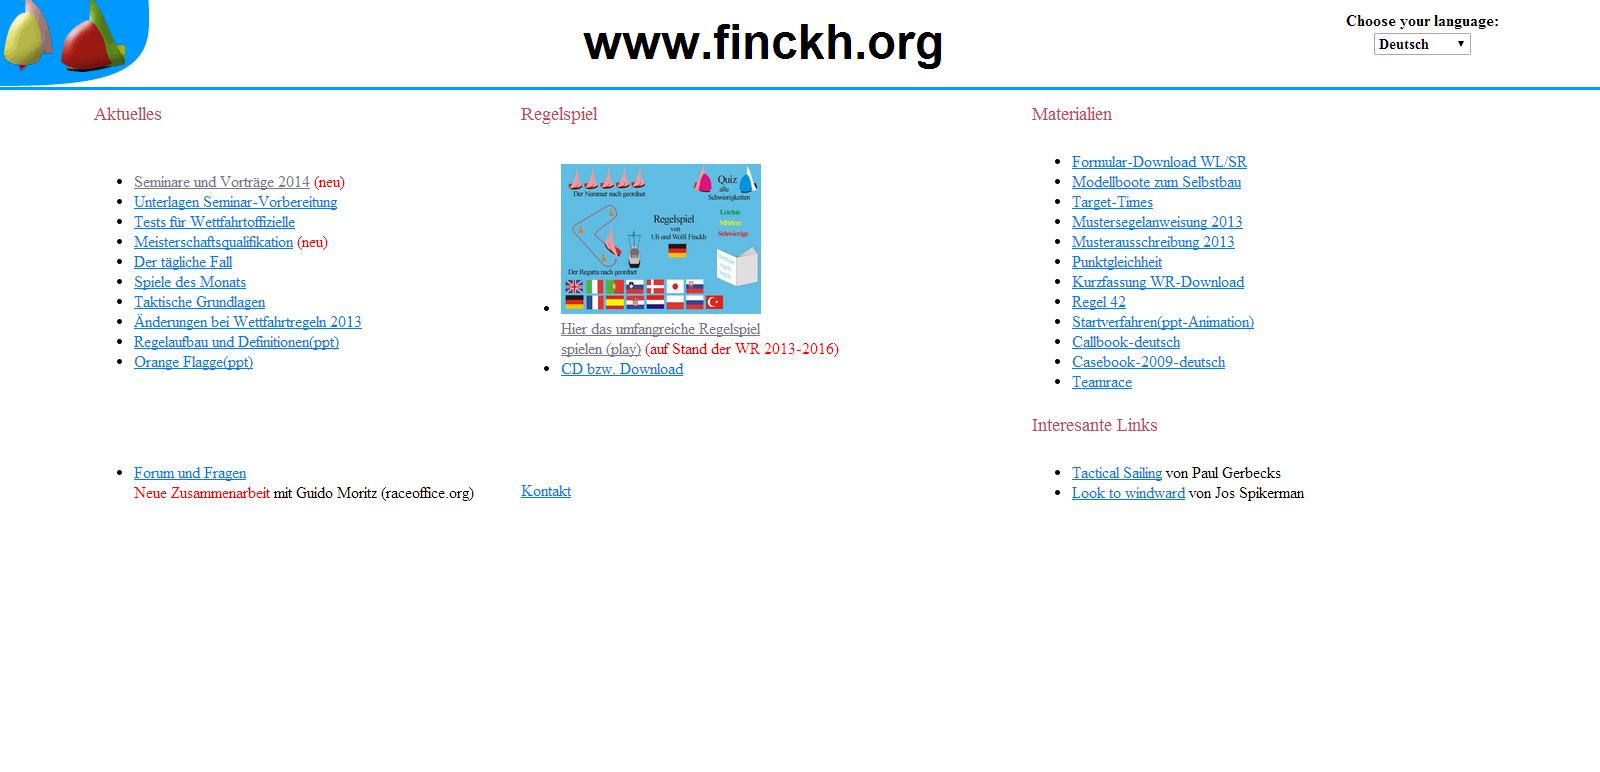 finckh.org